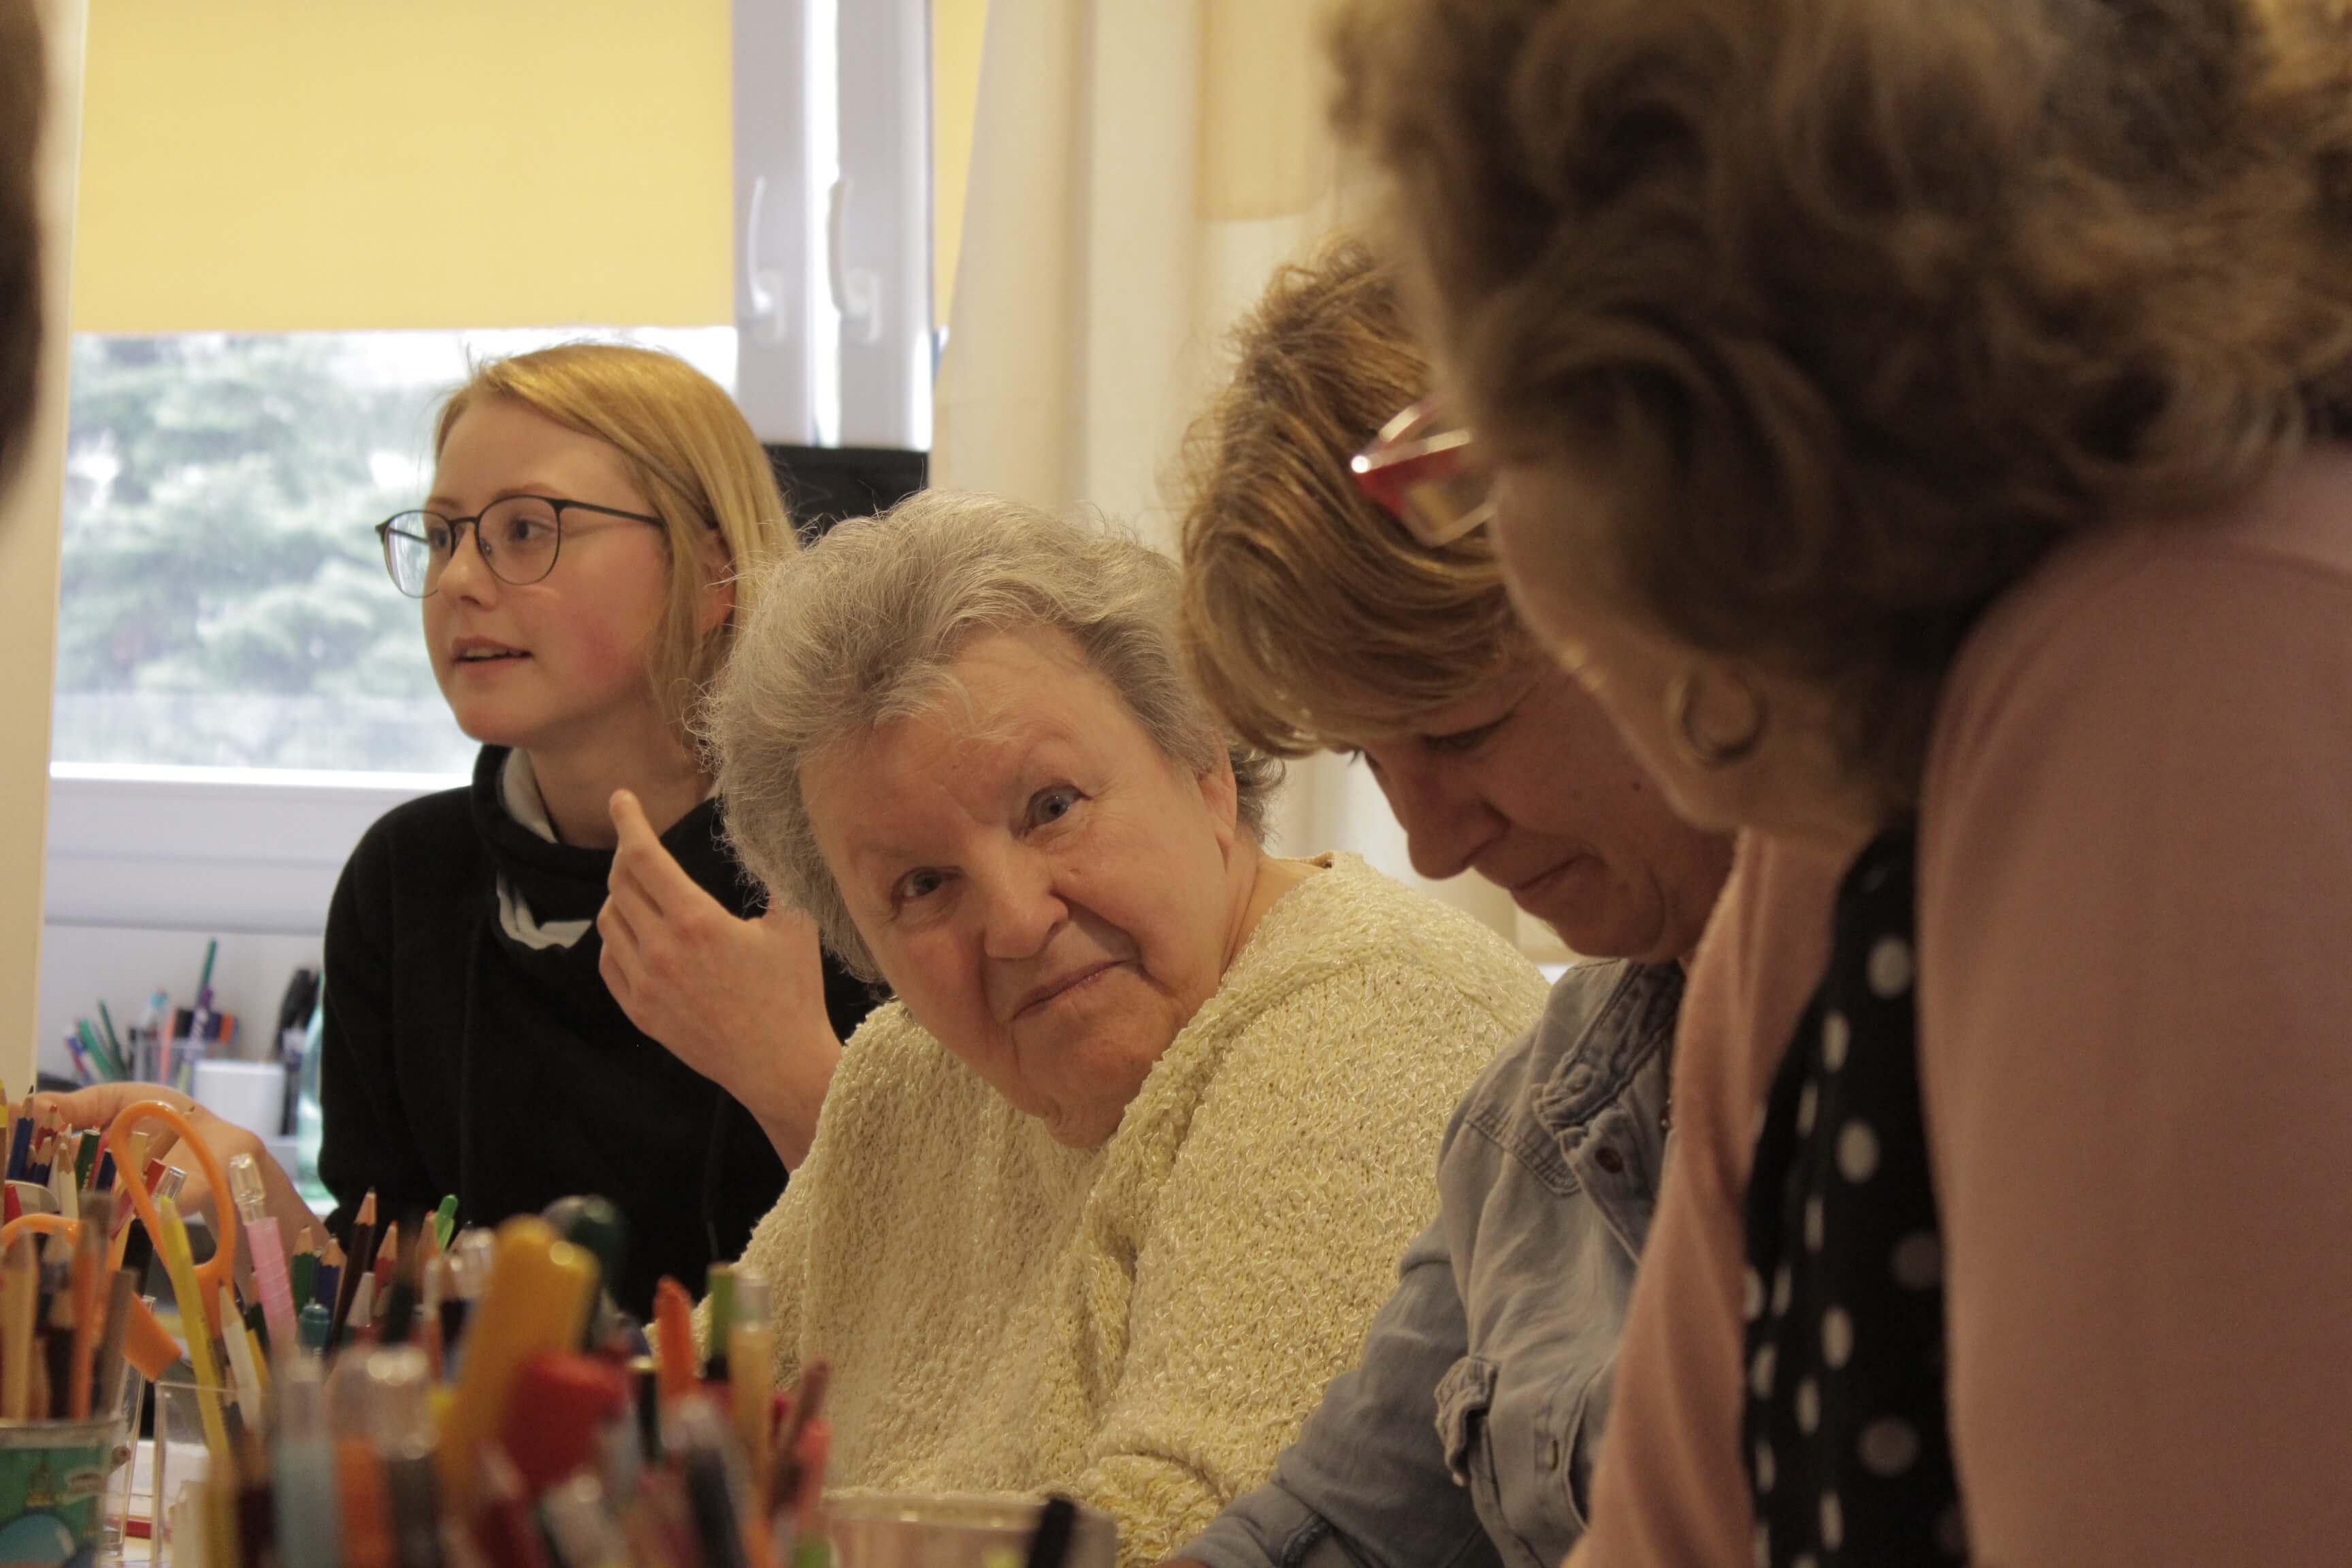 Baka projekt – Ivana pomaže bolesnoj baki kako zna i umije te potiče druge unuke da se na nju ugledaju